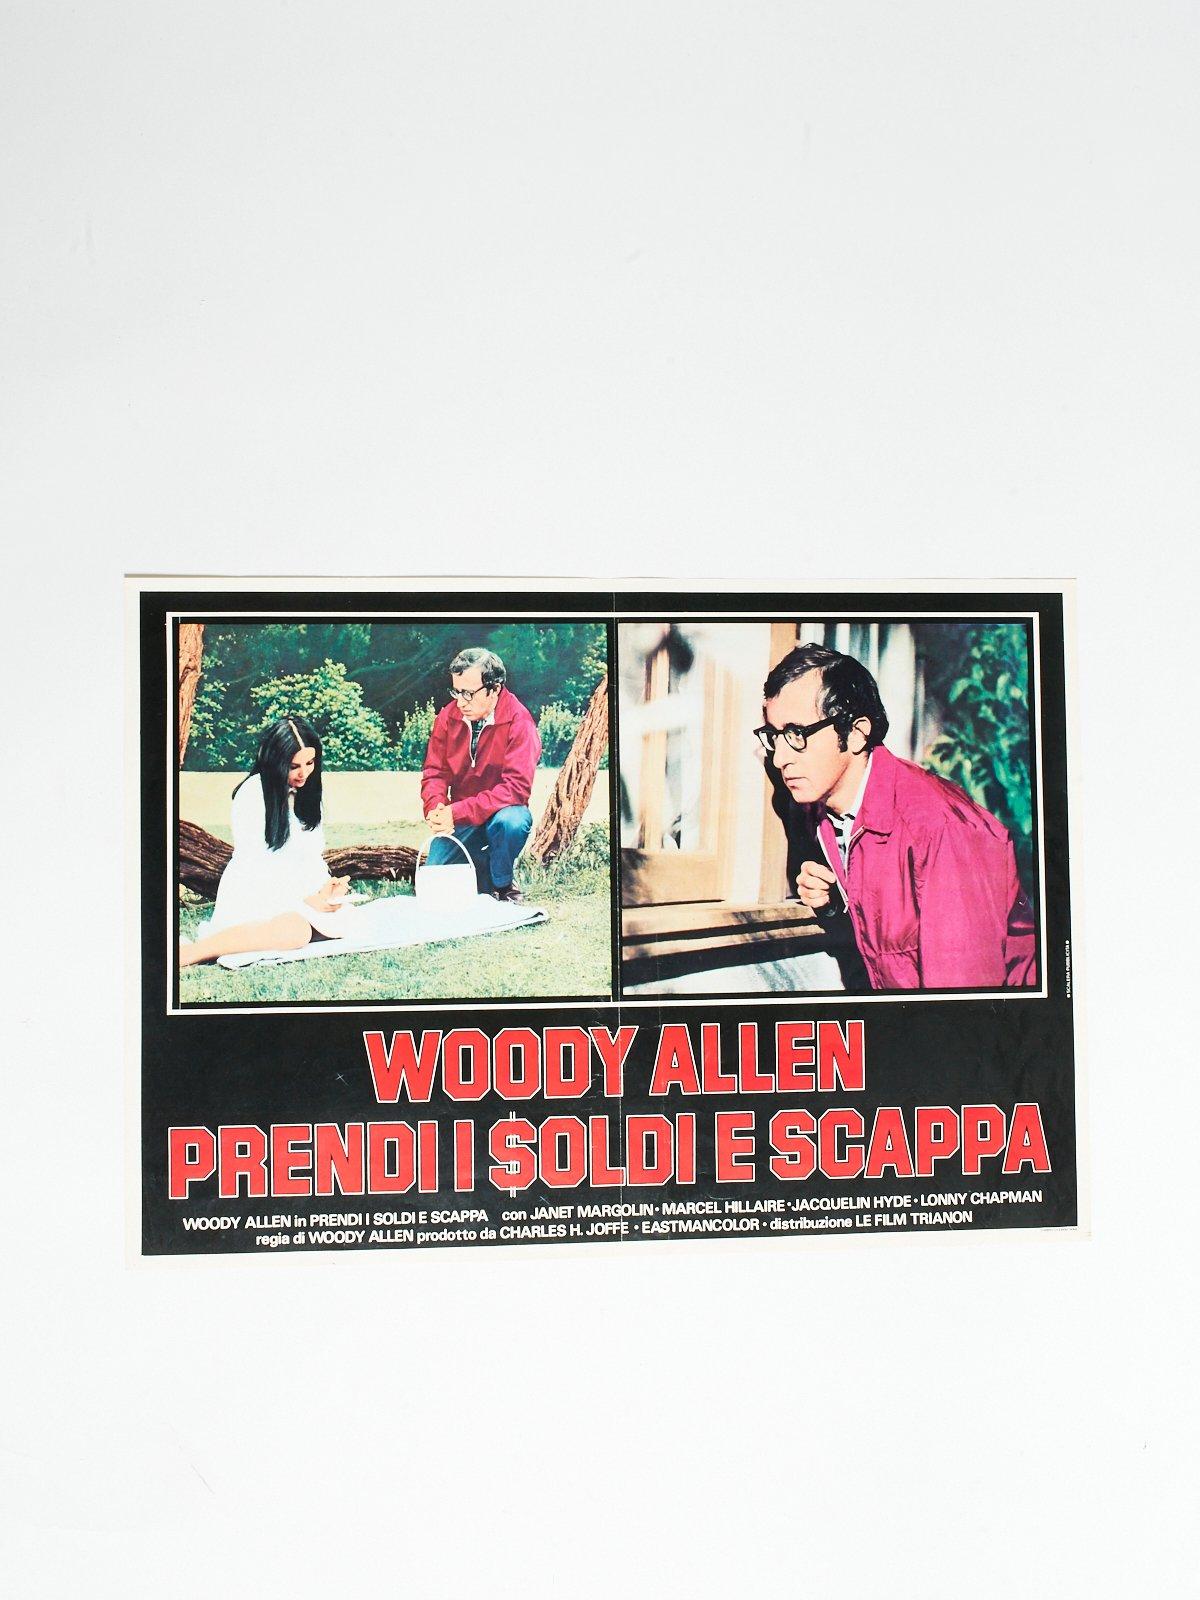 PRENDI I SOLDI E SCAPPA LOBBY CARD